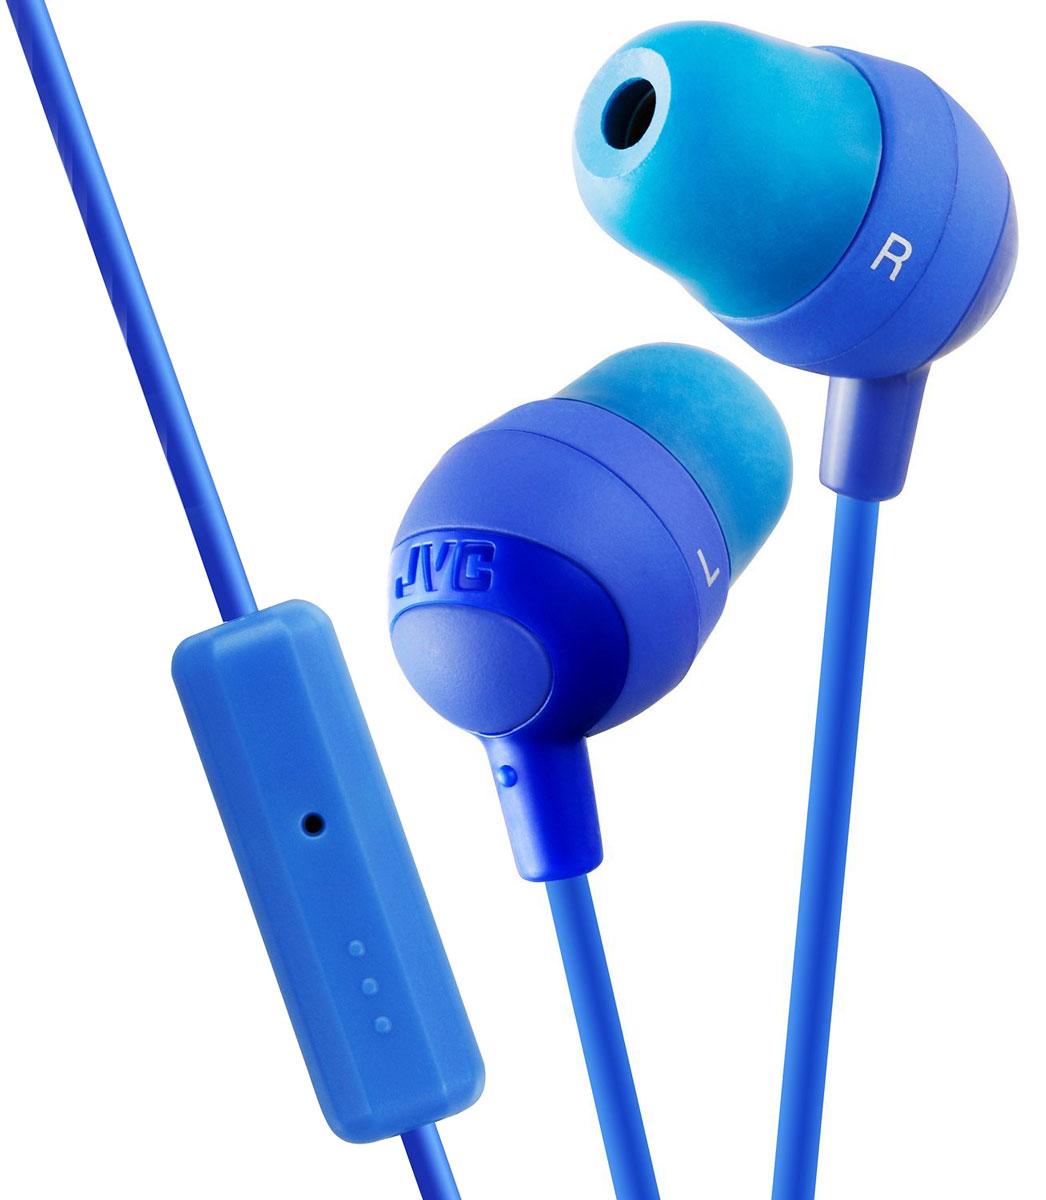 JVC Marshmallow HA-FR37-A, Blue наушникиHA-FR37-AНаушники-вкладыши JVC Marshmallow HA-FR37 имеют встроенный микрофон/пульт дистанционного управления для использования со многими популярными смартфонами и планшетами. Плотные вставные амбушюры обеспечивают превосходную звуковую изоляцию от фонового шума. Благодаря неодимовому магниту, используемому в 11 мм драйверах, вы получаете качественное звучание.